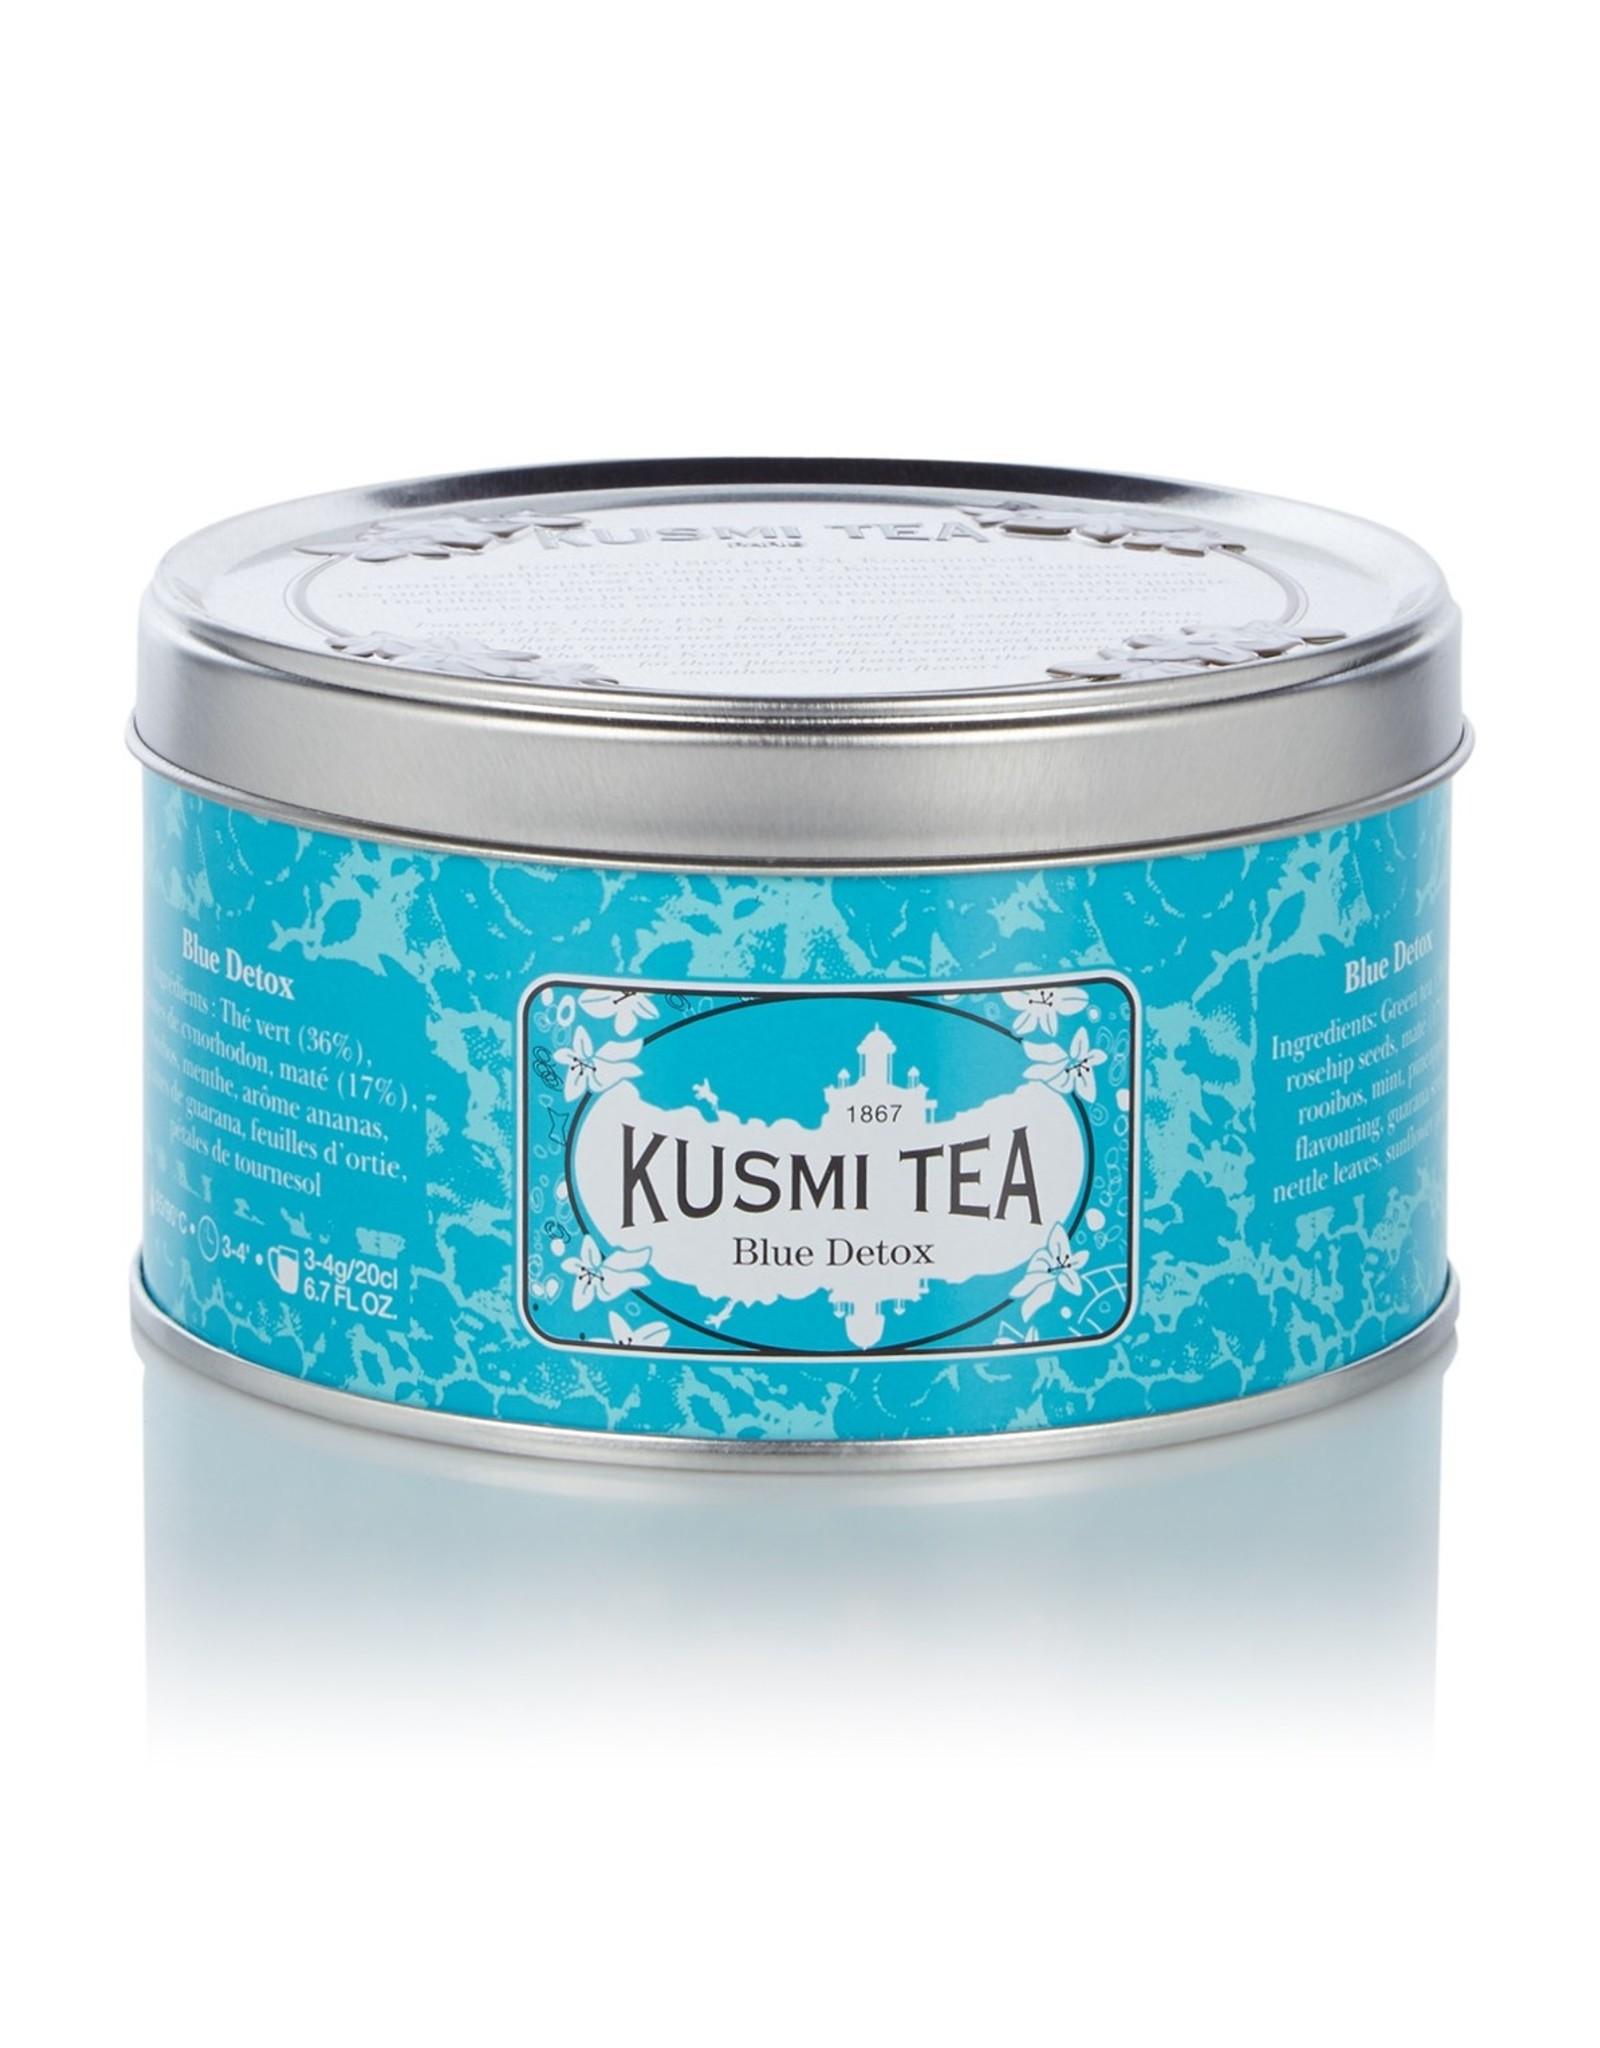 Kusmi Kusmi Tea Blue Detox, 125g